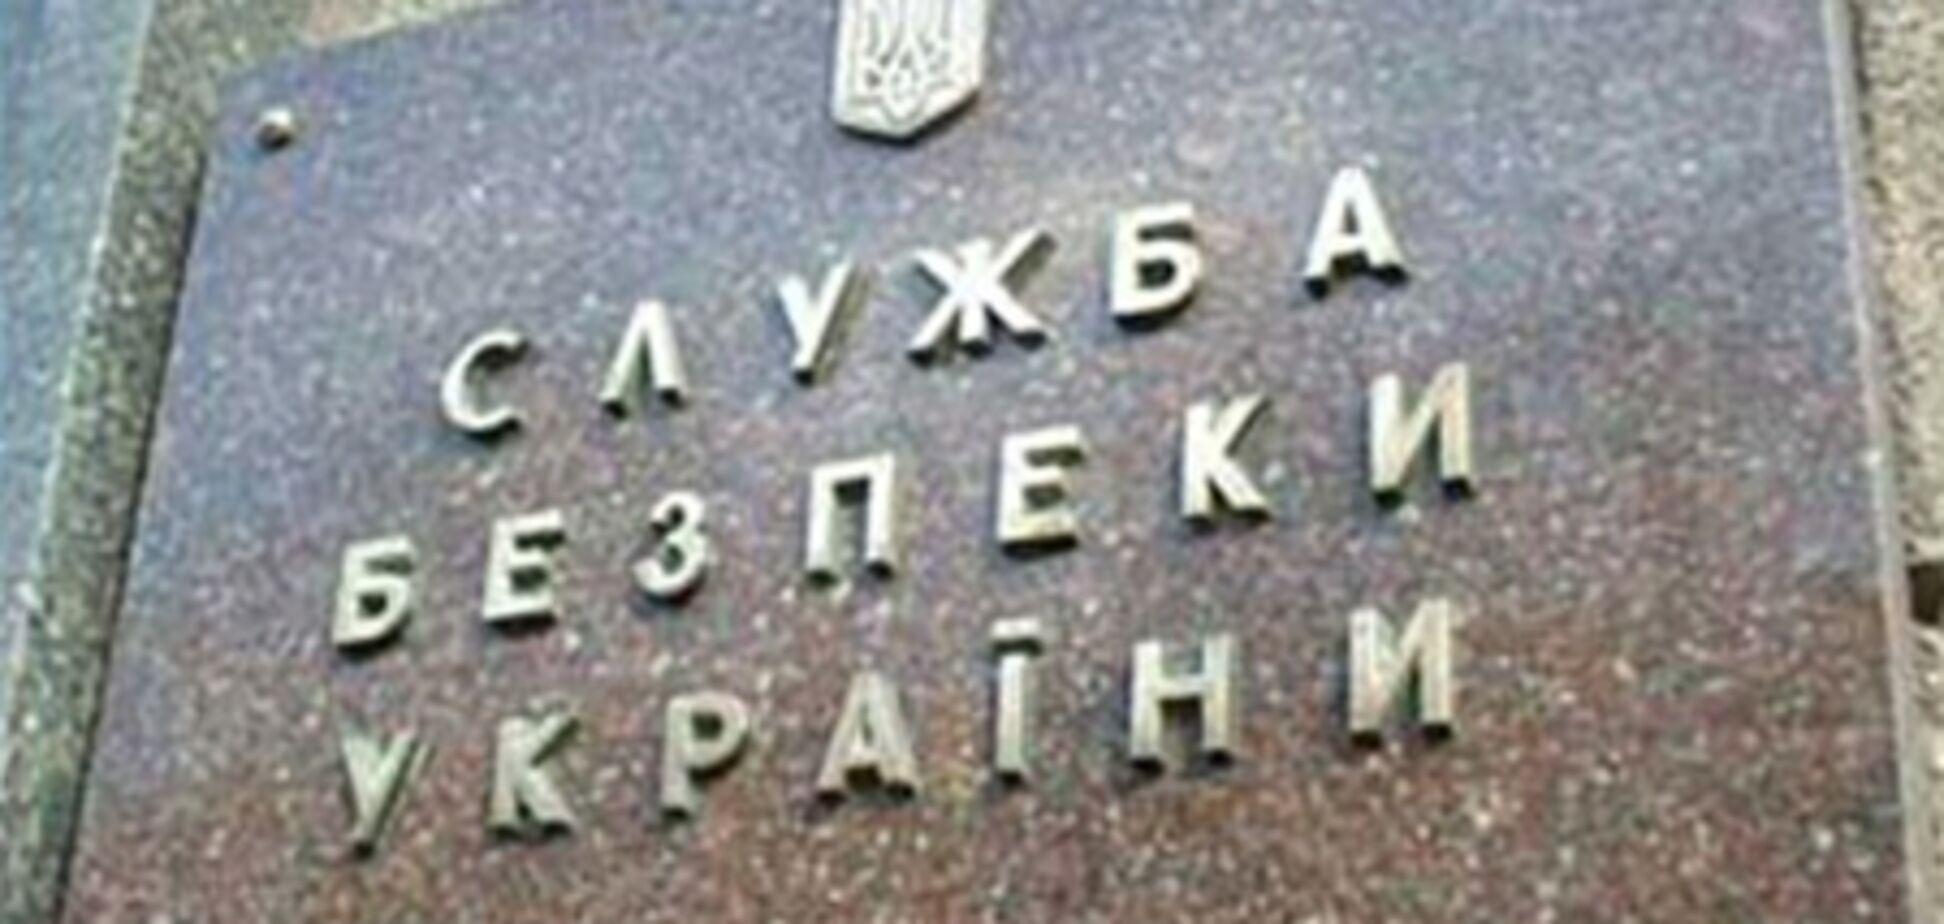 В СБУ ничего не знают об утечке внутренних документов в Сети